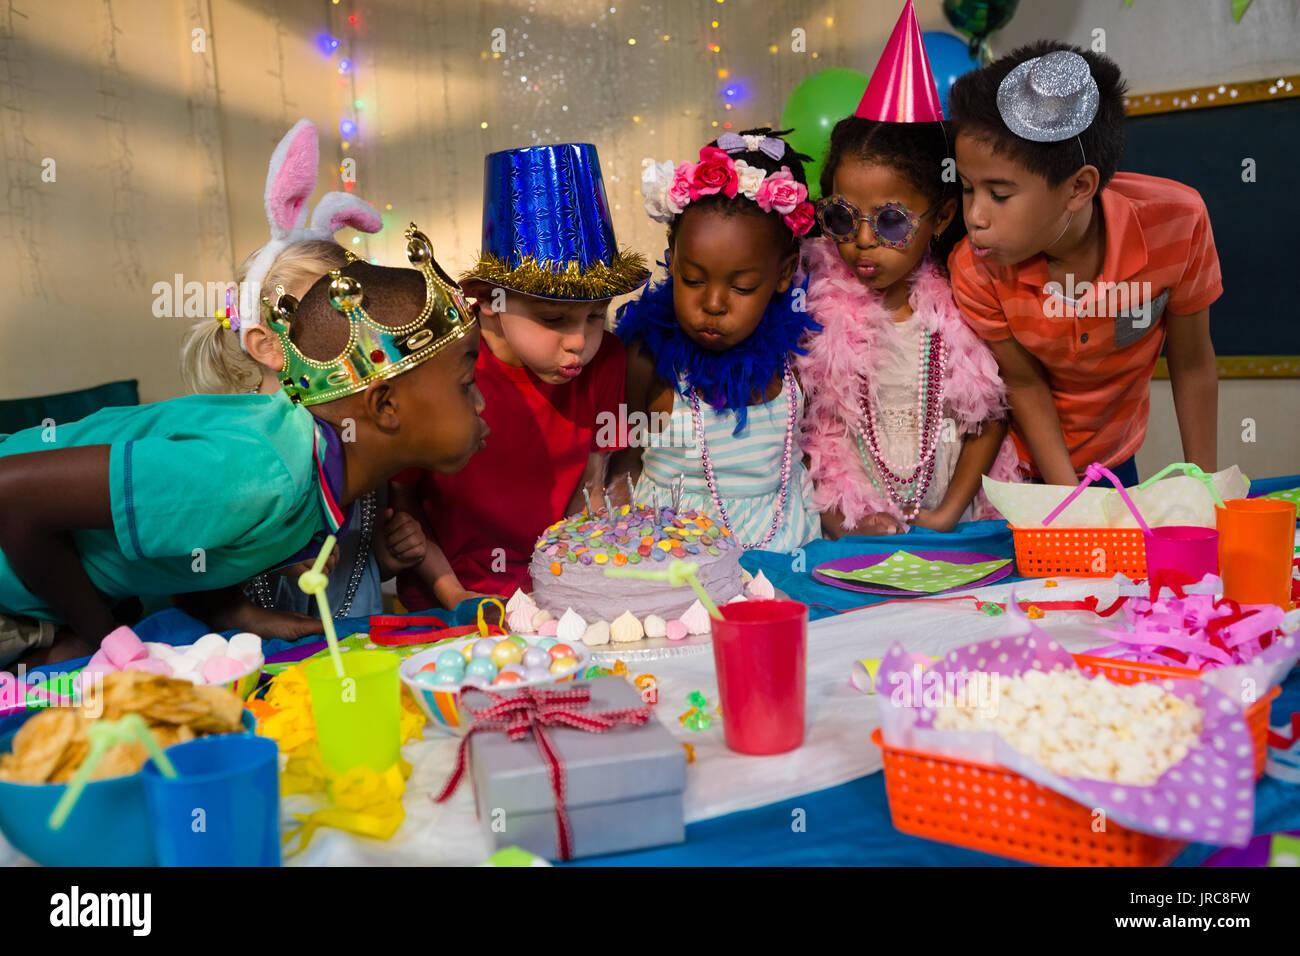 Kinder Blasen Kerzen Auf Kuchen Wahrend Der Geburtstagsfeier